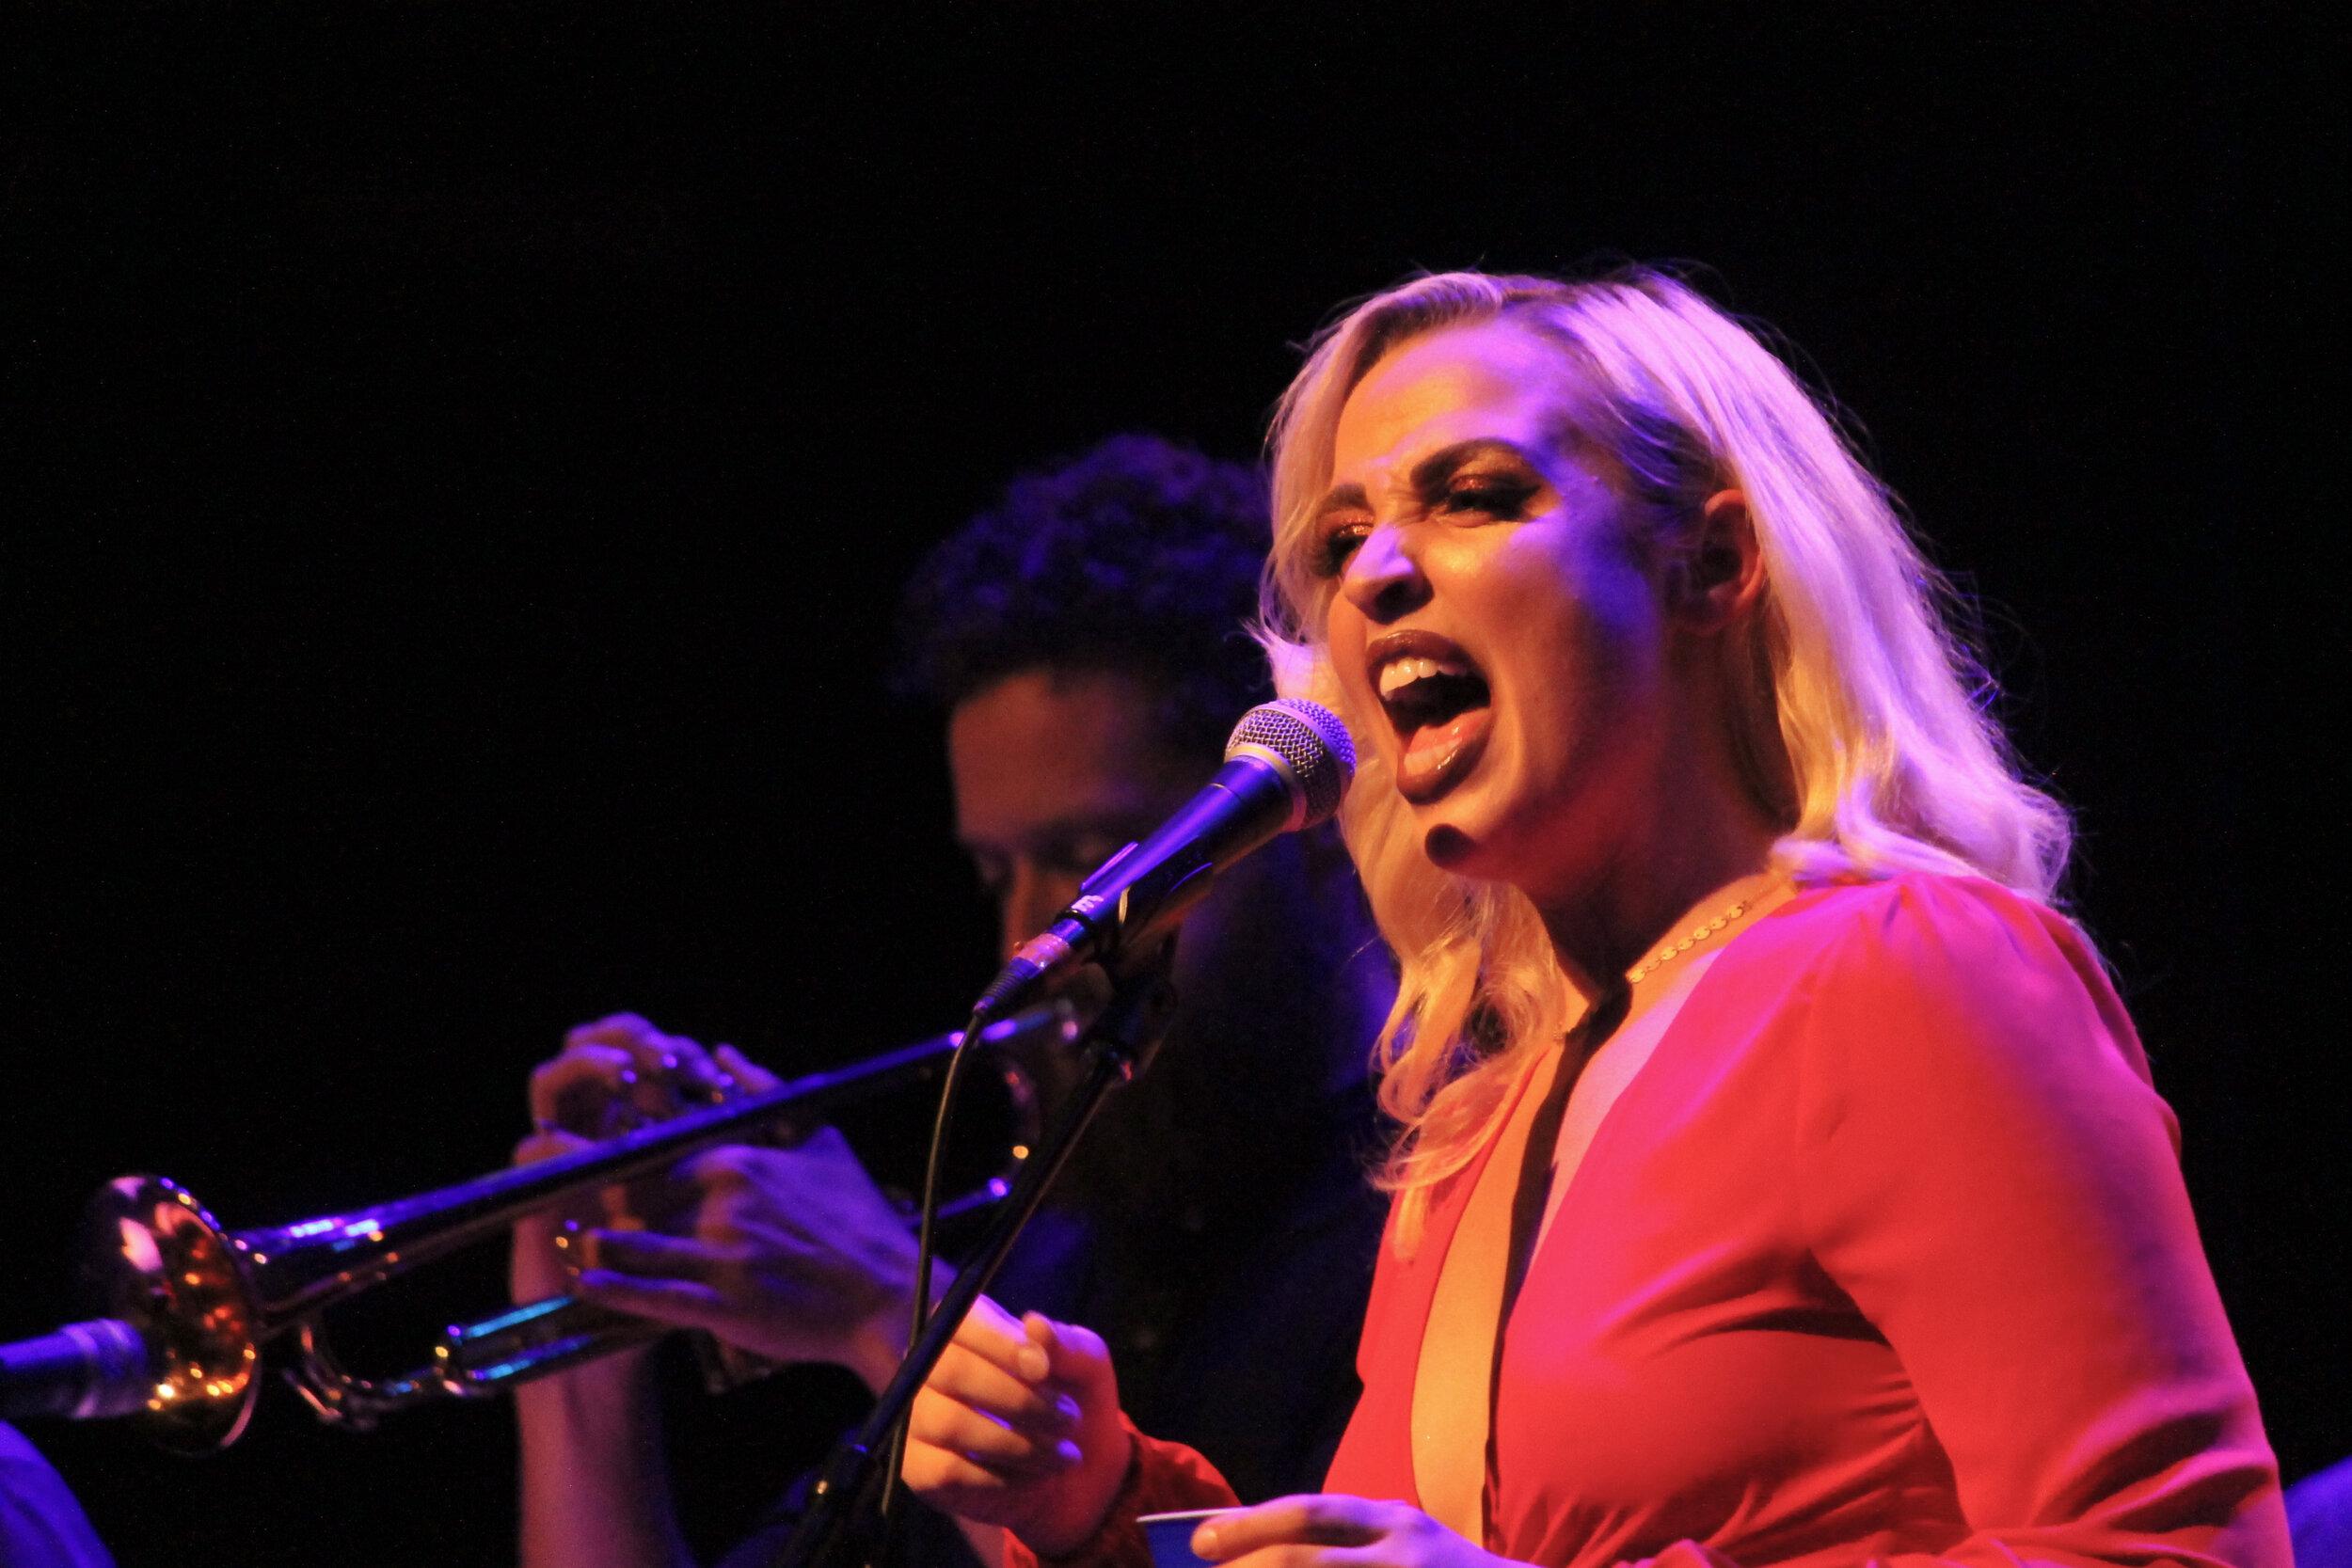 Elizabeth Moen at the Englert Theatre Photo by Lauren Arzbaecher